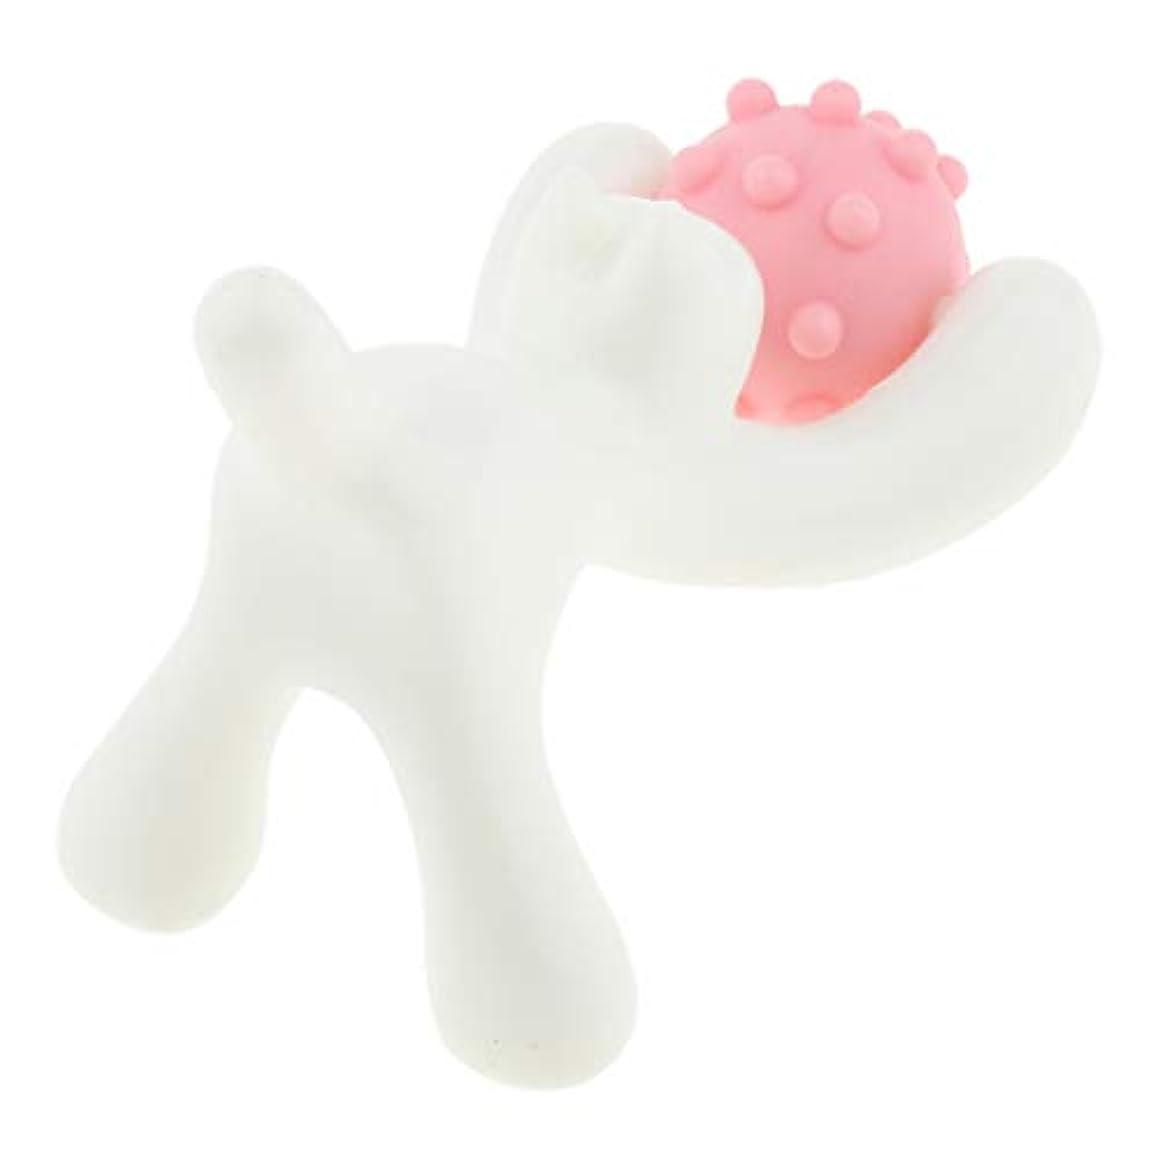 余暇兄道路を作るプロセスフェイスローラー 美顔ローラー フェイス ボディー用 マッサージローラー 猫の形 快適 3色選ぶ - ピンク